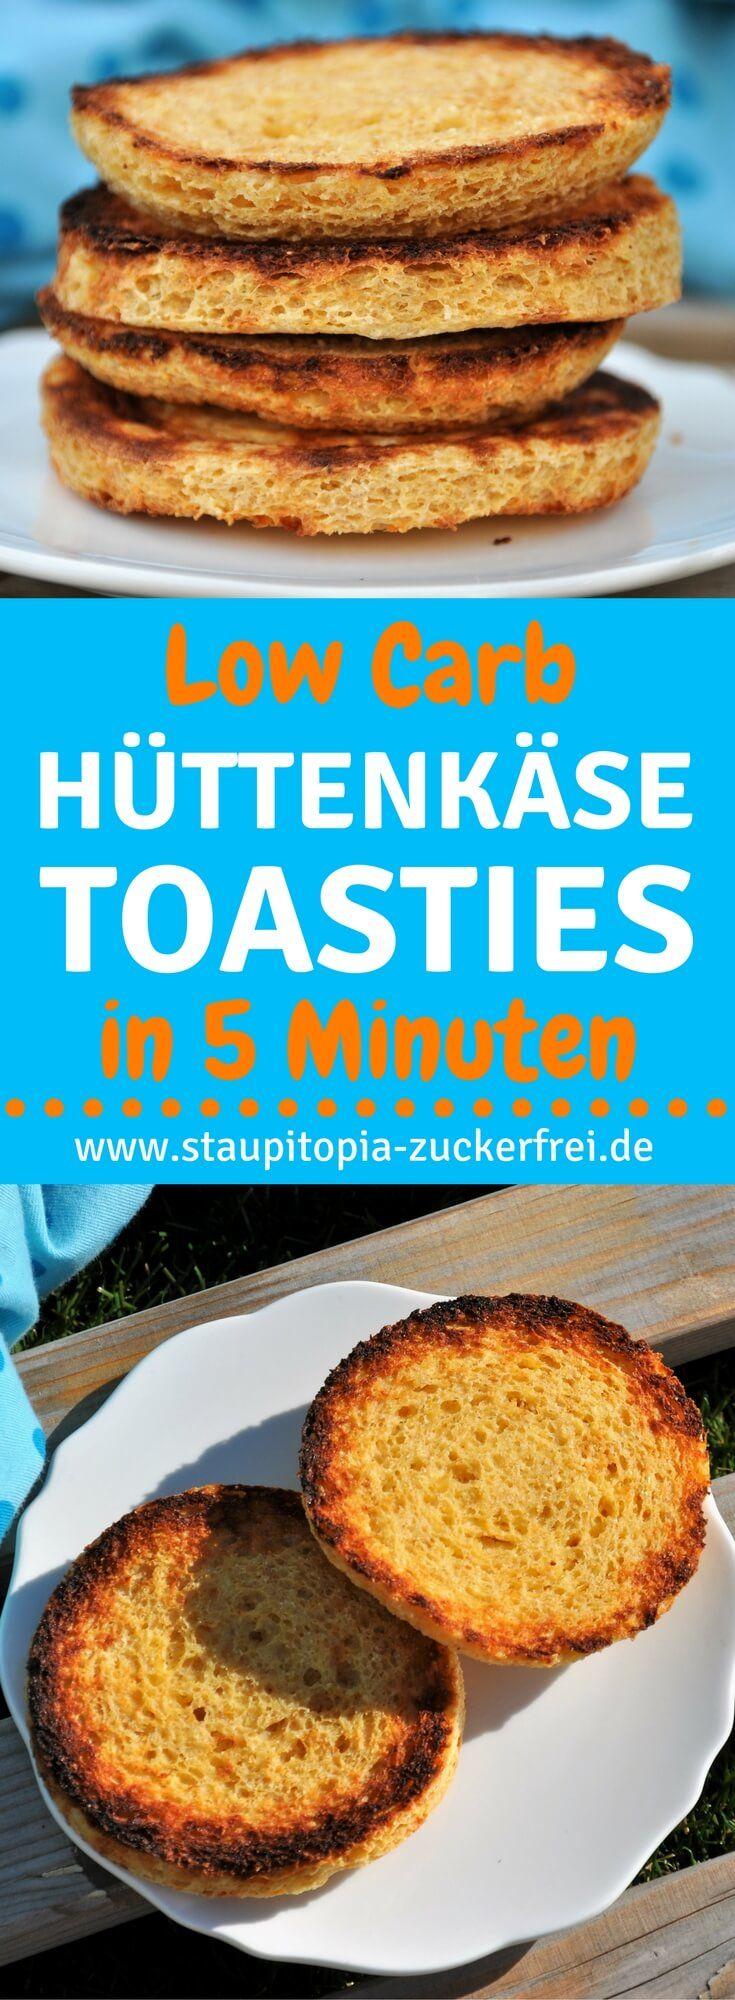 Low Carb Hüttenkäse Toasties in weniger als 5 Minuten zubereiten und in weniger als 5 Minuten backen: Diese Low Carb Hüttenkäse Toasties sind nicht nur besonders leckeres Low Carb Brot, sondern sie sind zudem auch noch super schnell zubereitet, gesund und genau das richtige für ein köstliches Low Carb Frühstück oder eine Brotzeit am Abend. Du kannst sie entweder in der Mikrowelle oder im Ofen backen und wirst garantiert auch in Zukunft viel Freude an diesem Rezept haben.